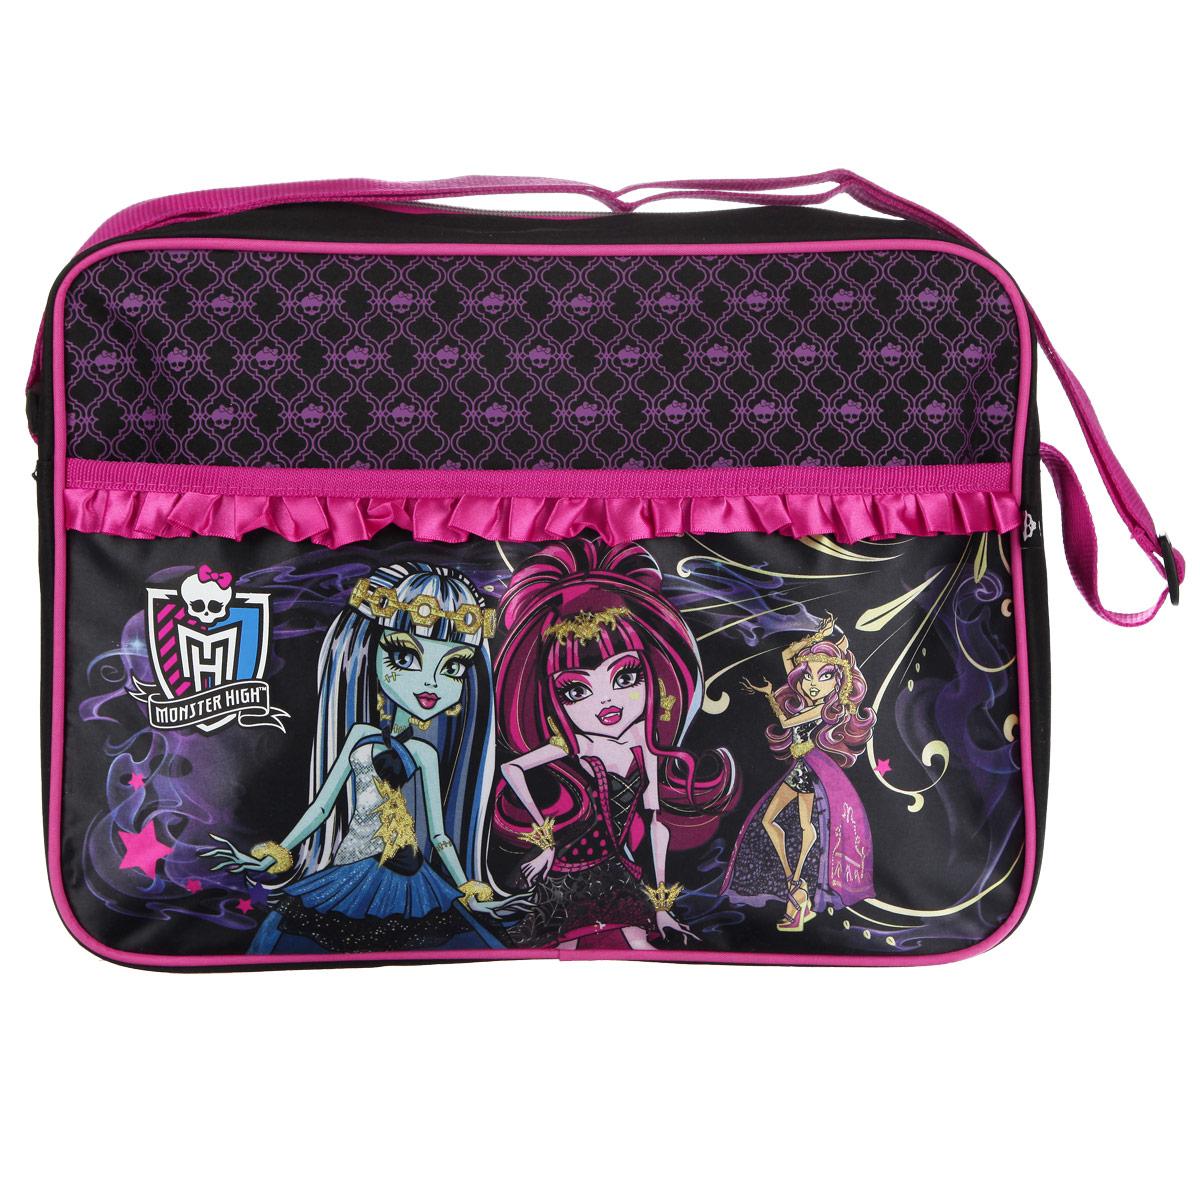 Сумка-планшет Monster High, цвет: розовый, фиолетовый. 8530685306Сумка-планшет Monster High станет незаменимым аксессуаром юной модницы! Она выполнена из полиэстера и оформлена изображением героинь популярного мультсериала Школа Монстров. Также сумку украшают розовые атласные рюши. Сумка имеет одно основное отделение, закрывающееся на металлическую застежку-молнию. Бегунок декорирован резиновым элементом в виде черепа. Внутри расположен вшитый карман на молнии. С внешней стороны сумки расположен накладной карман на липучке. Сумка снабжена удобным плечевым ремнем регулируемой длины. Максимальная длина ремня - 100 см, минимальная - 32 см. Такая сумка подойдет как для переноски школьных принадлежностей, так и для ноутбука. Каждая поклонница Школы Монстров будет в восторге от такого аксессуара!